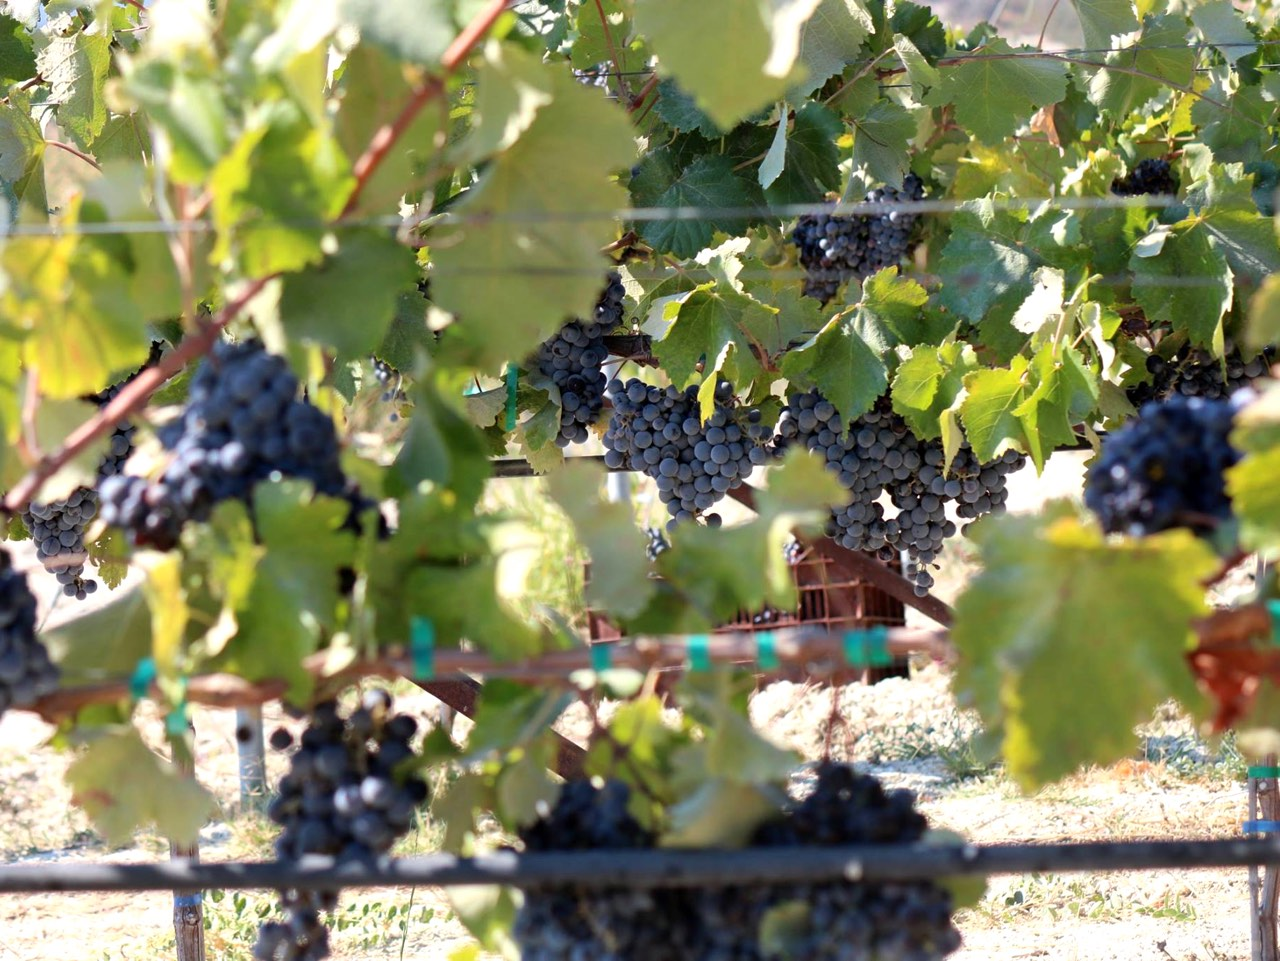 Wineries & Vineyards Across Greece Open Their Doors To Public